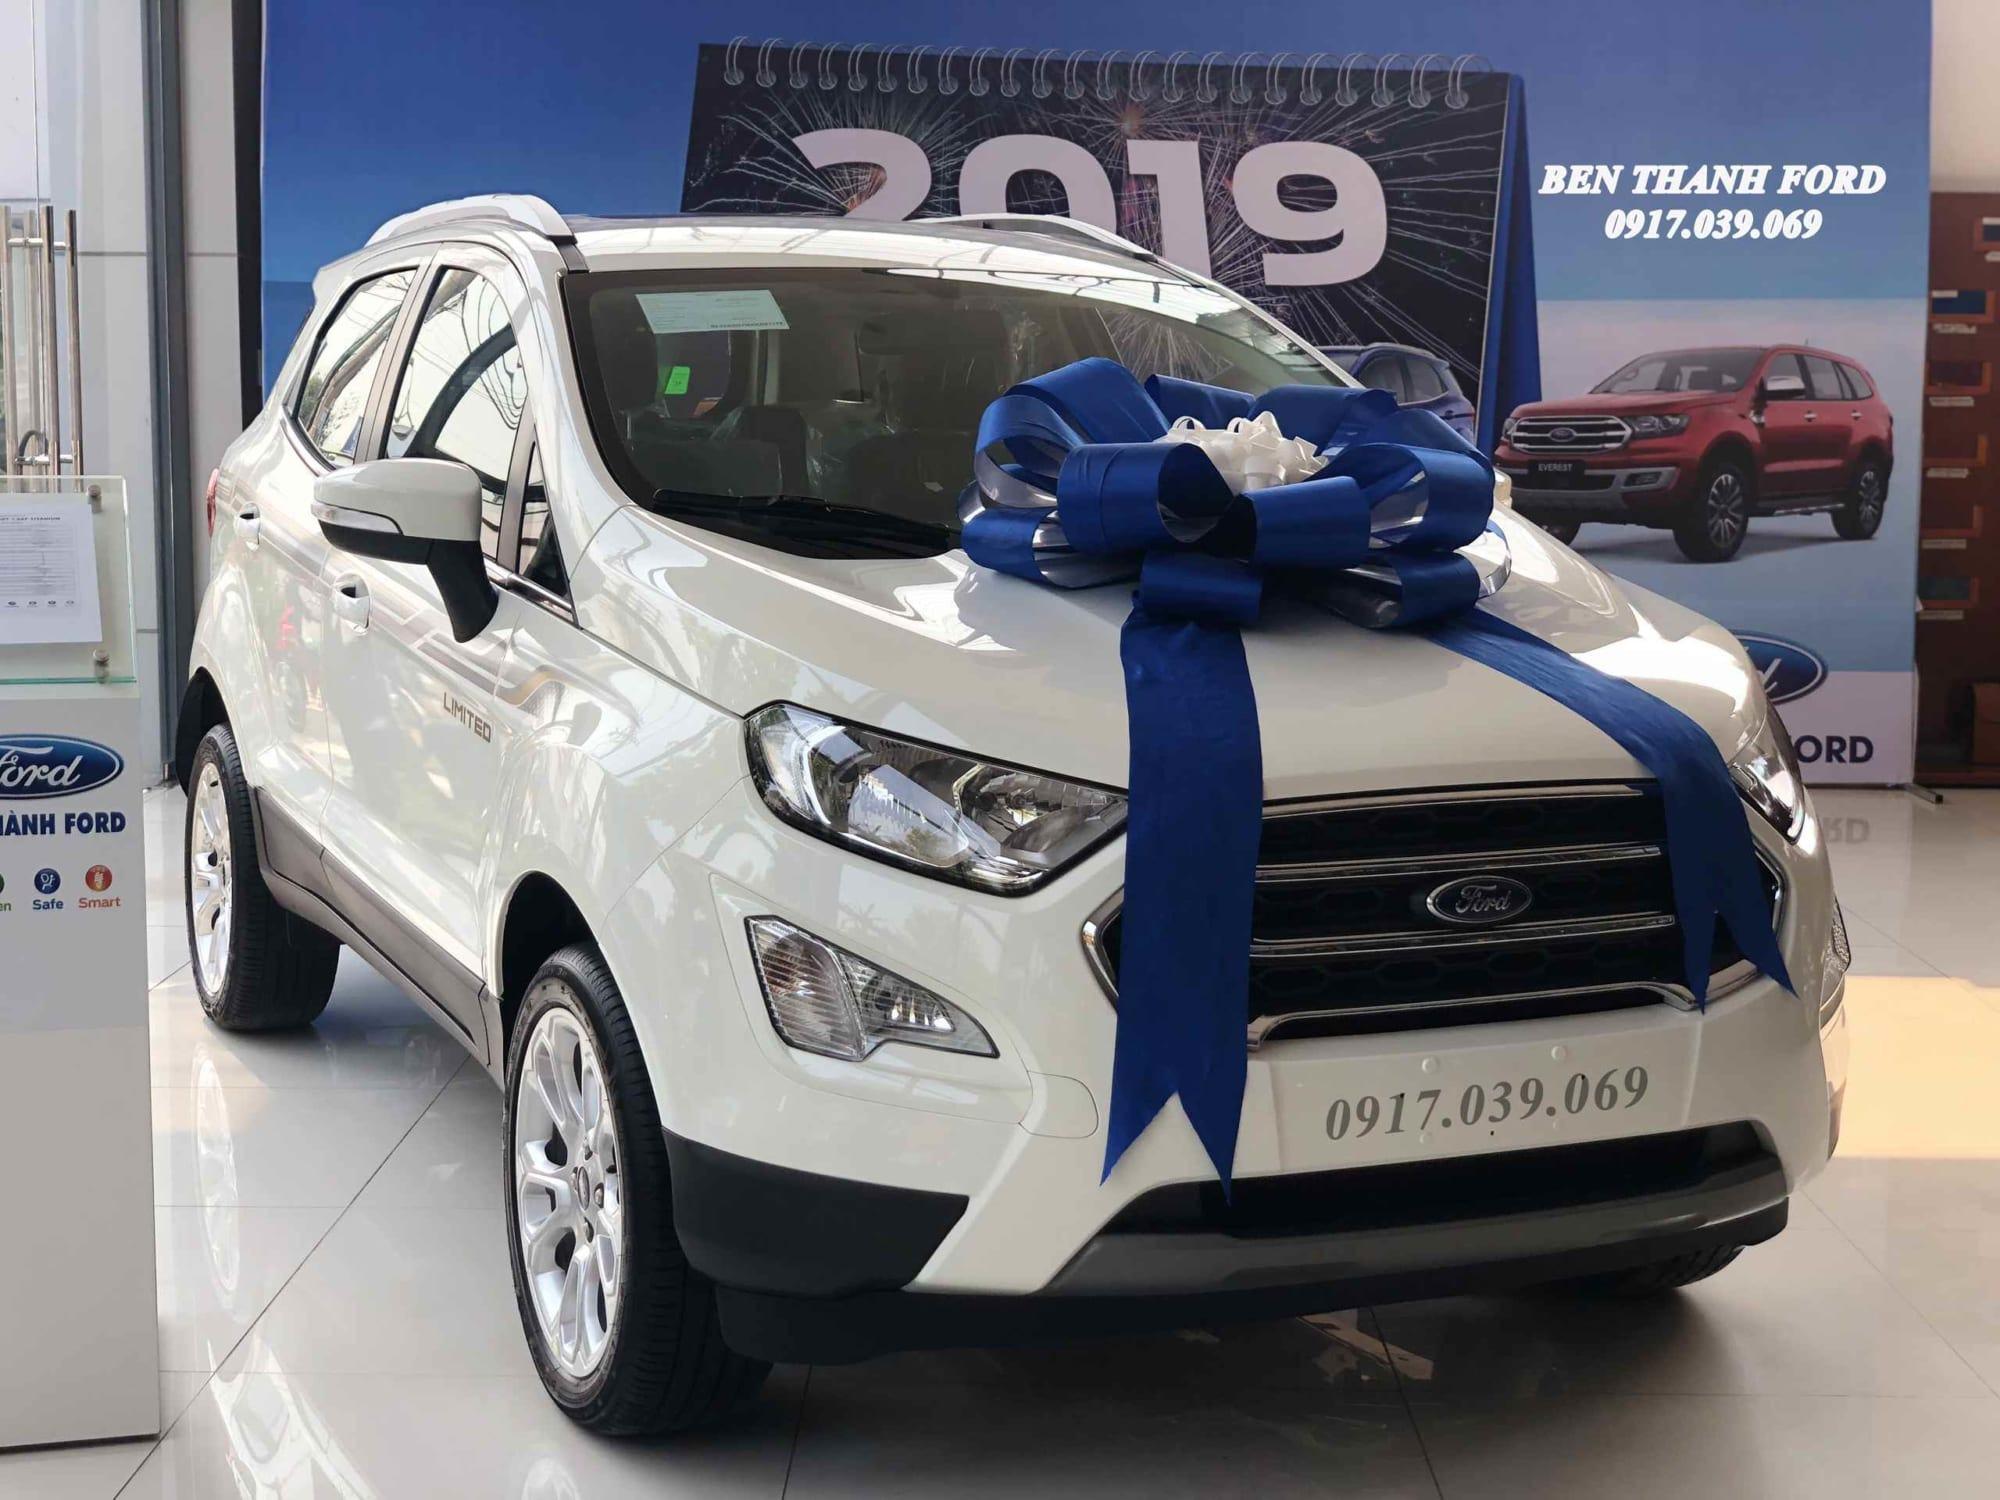 Giảm Giá Xe Ford Ecosport 2019 tại Bến Thành Ford Sài Gòn